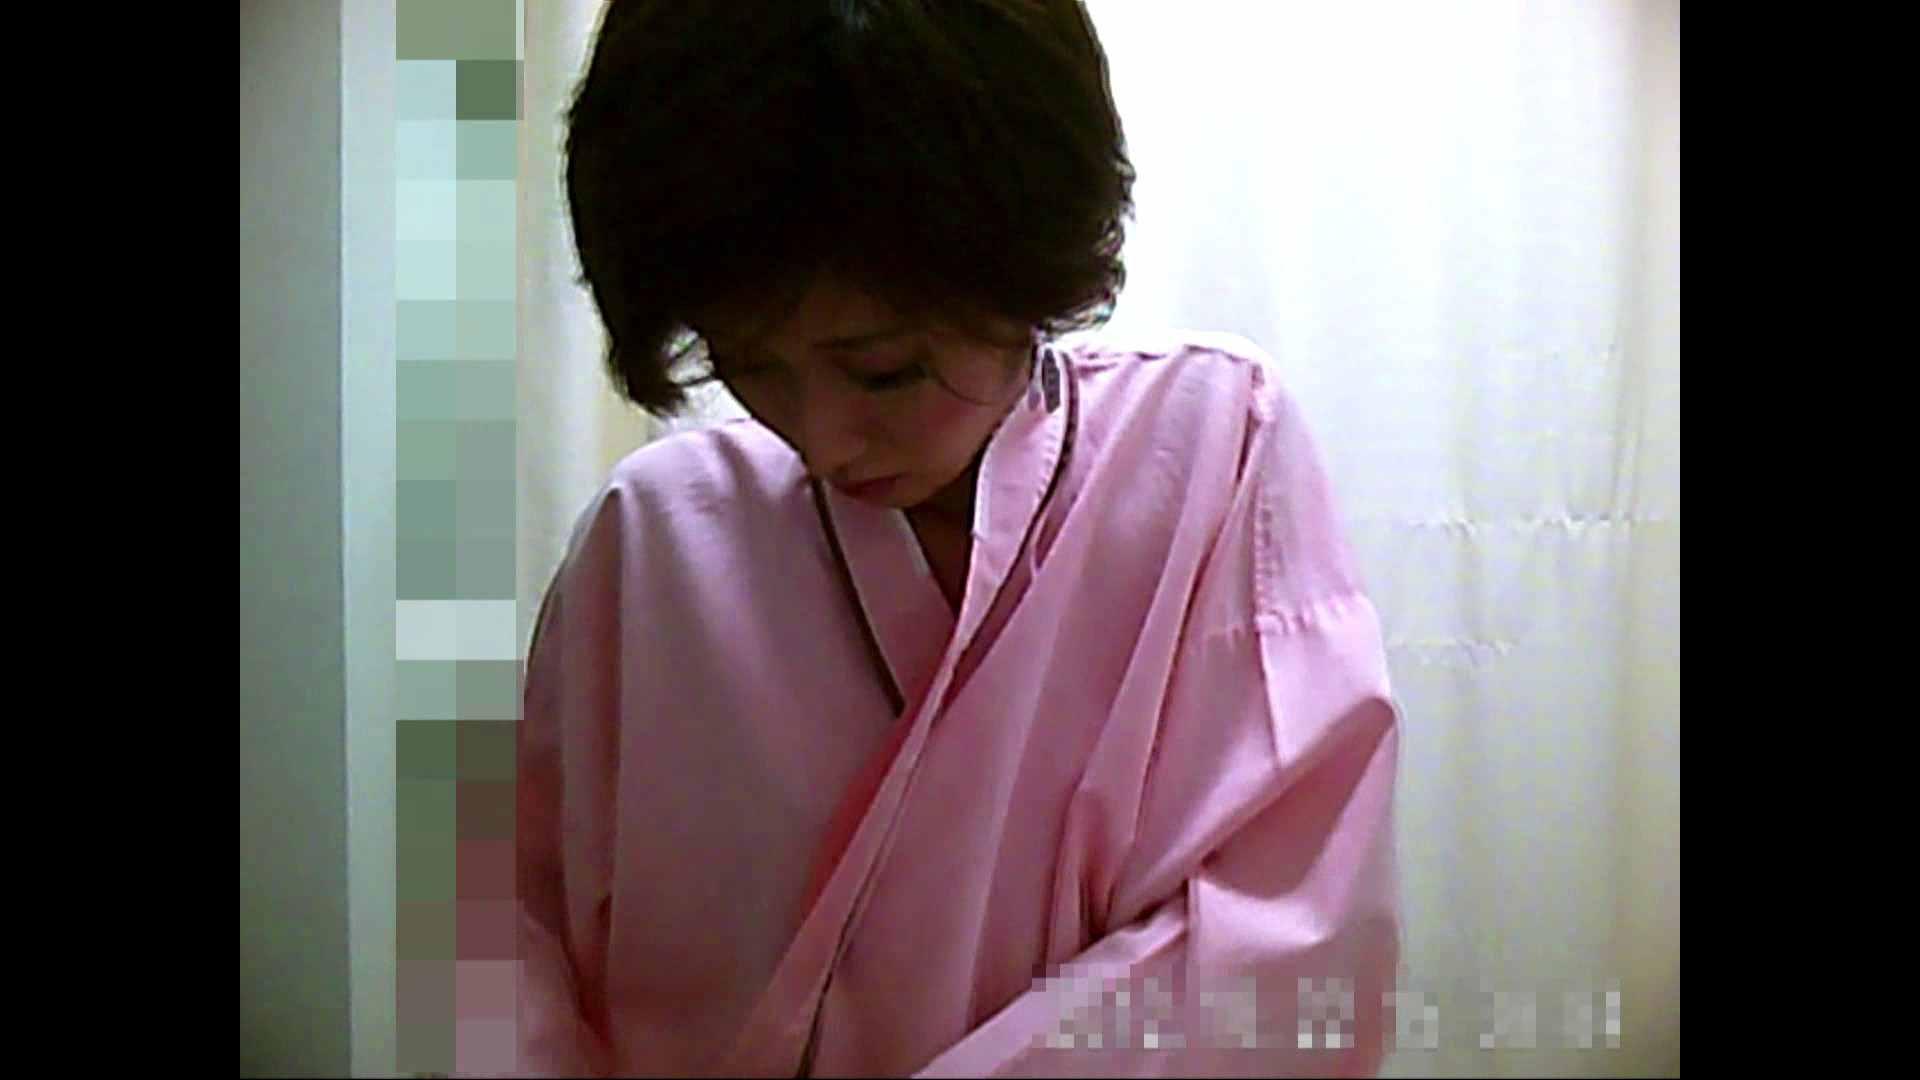 病院おもいっきり着替え! vol.247 貧乳編 すけべAV動画紹介 96画像 55